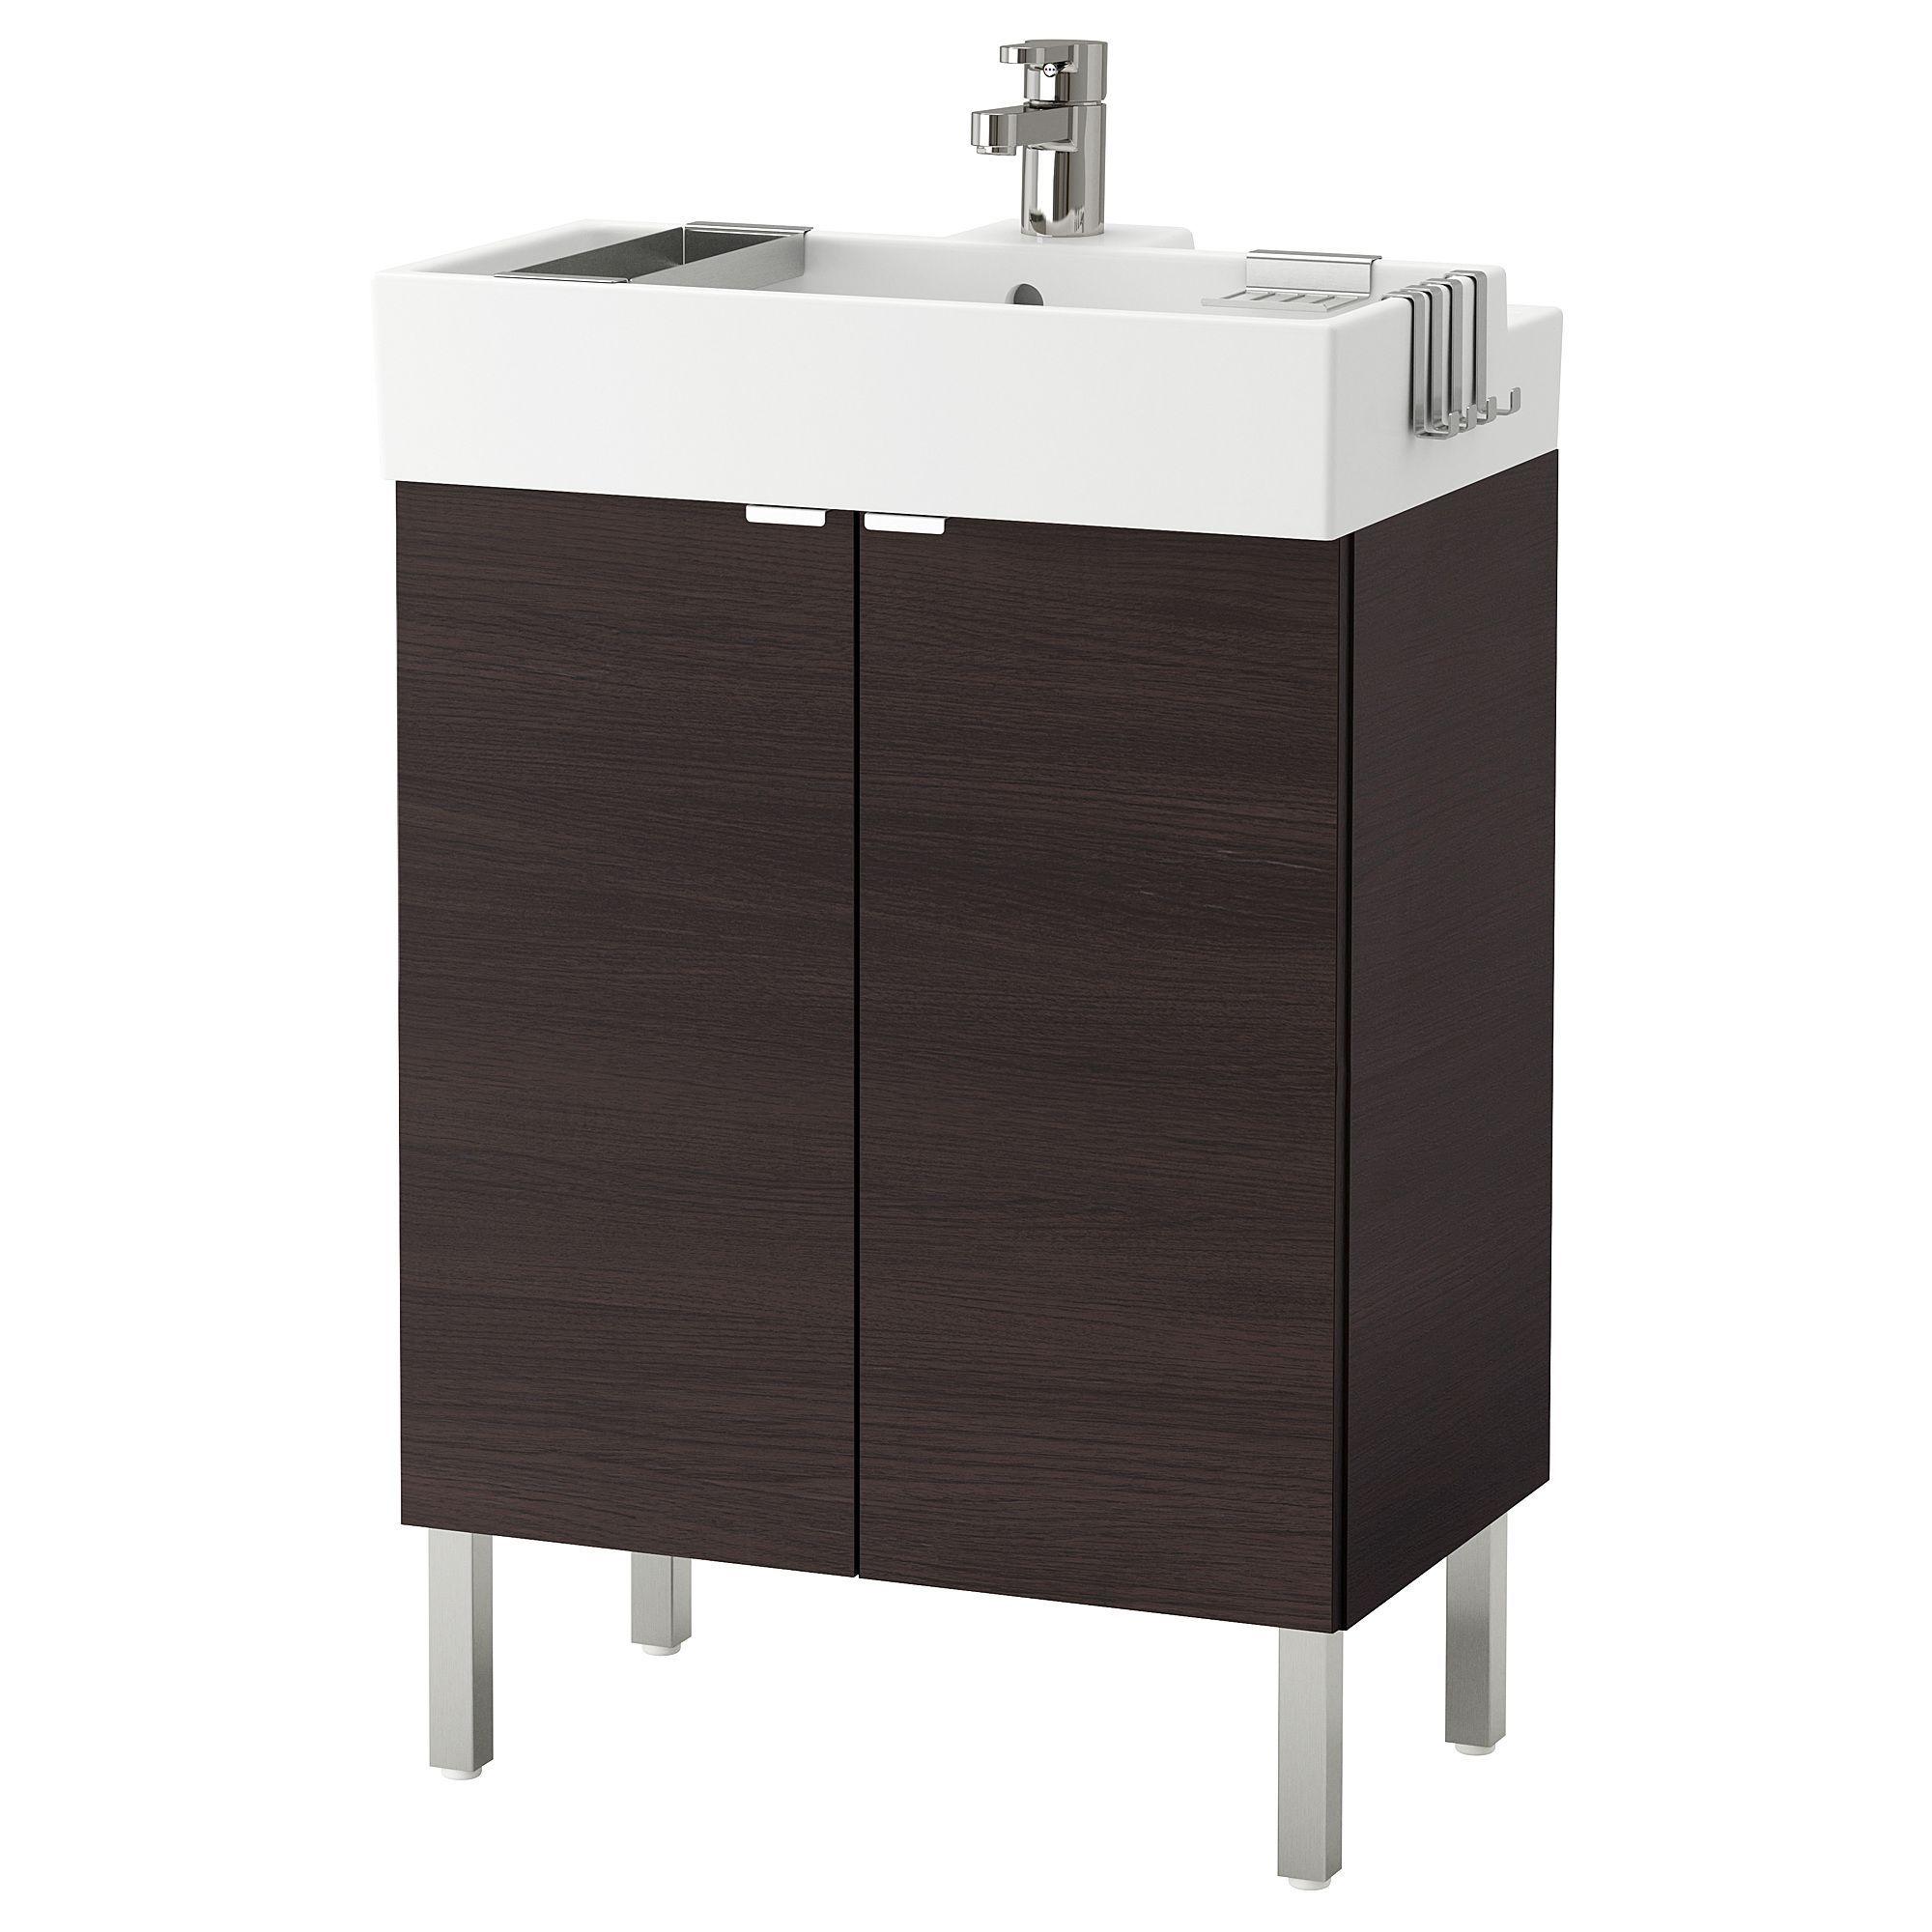 Ikea Badezimmer Waschbecken Schrank Badezimmer Waschbecken Ikea Badezimmer Badezimmer